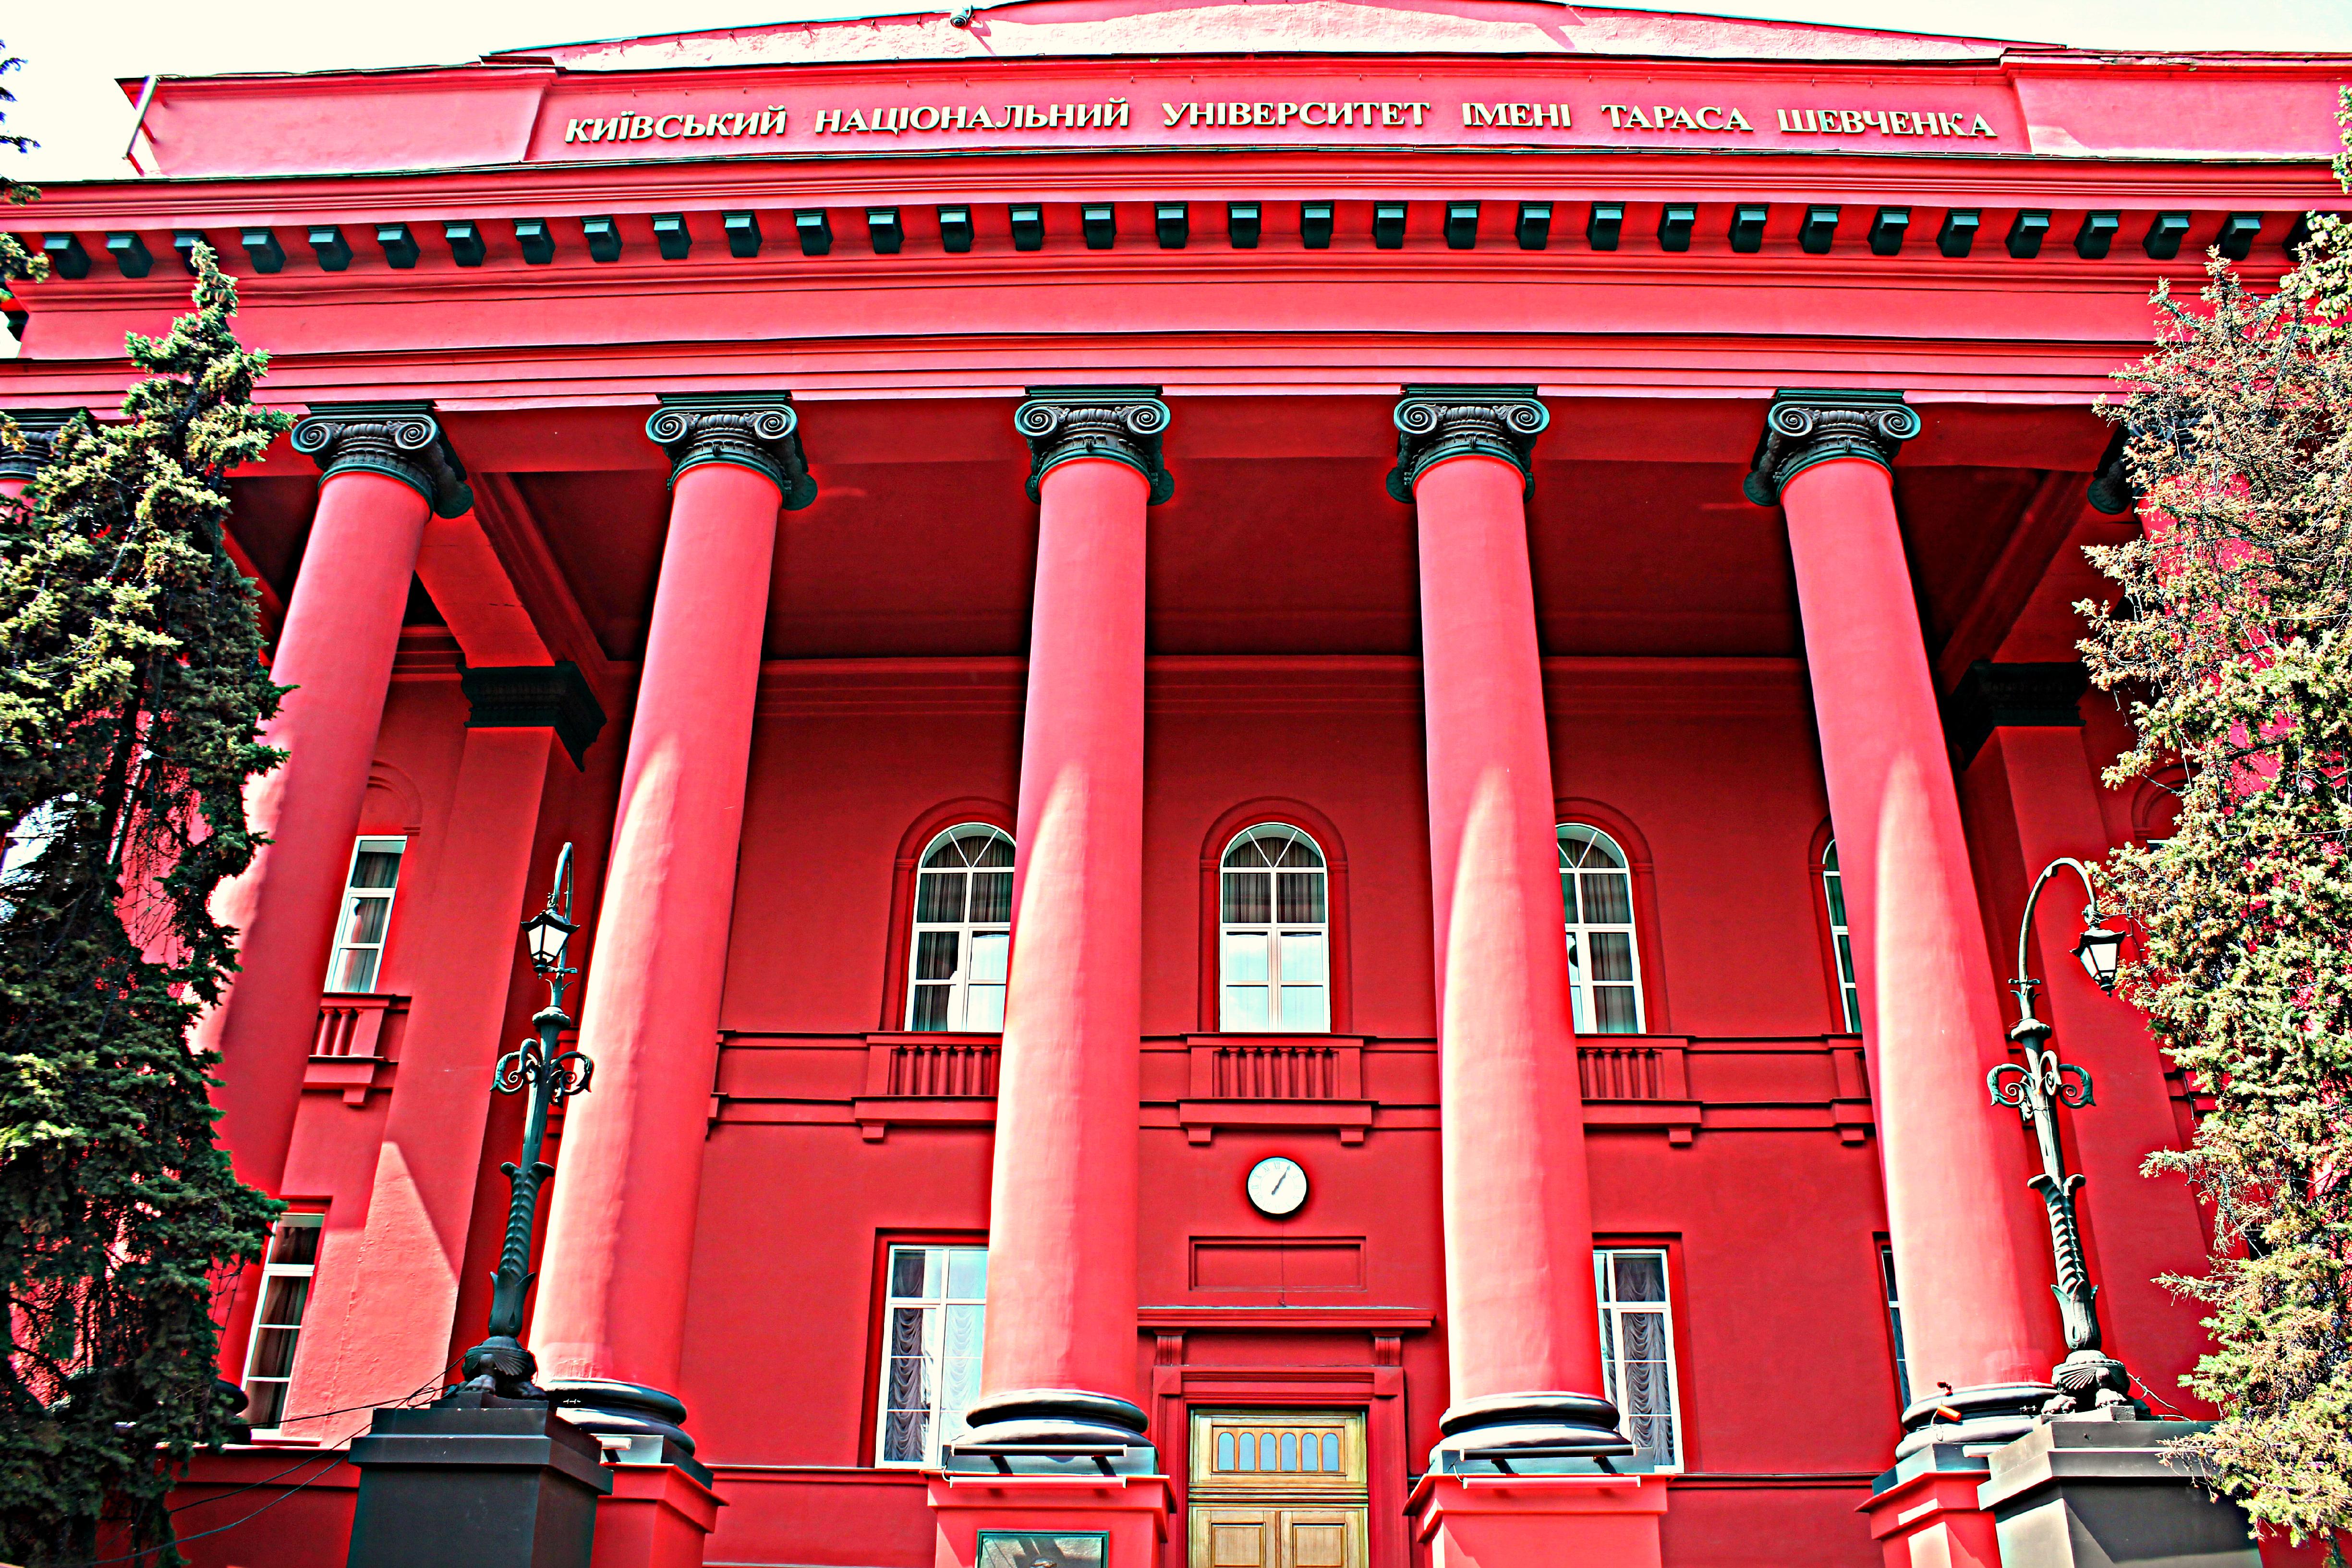 Kiev National University by julismith